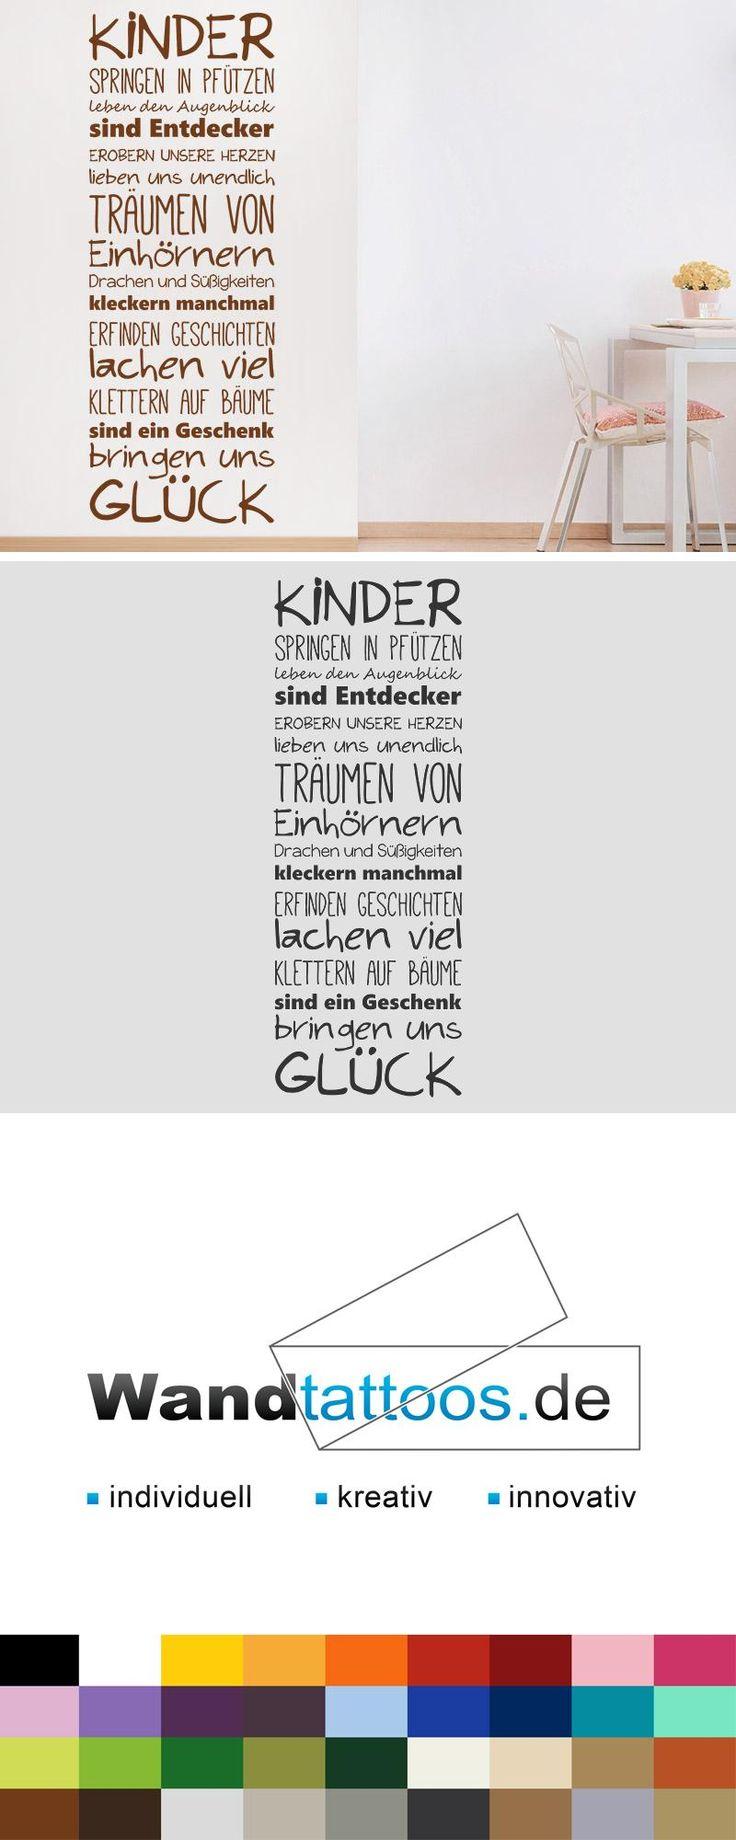 Wandtattoo Kinderglück als Idee zur individuellen Wandgestaltung. Einfach Lieblingsfarbe und Größe auswählen. Weitere kreative Anregungen von Wandtattoos.de hier entdecken!